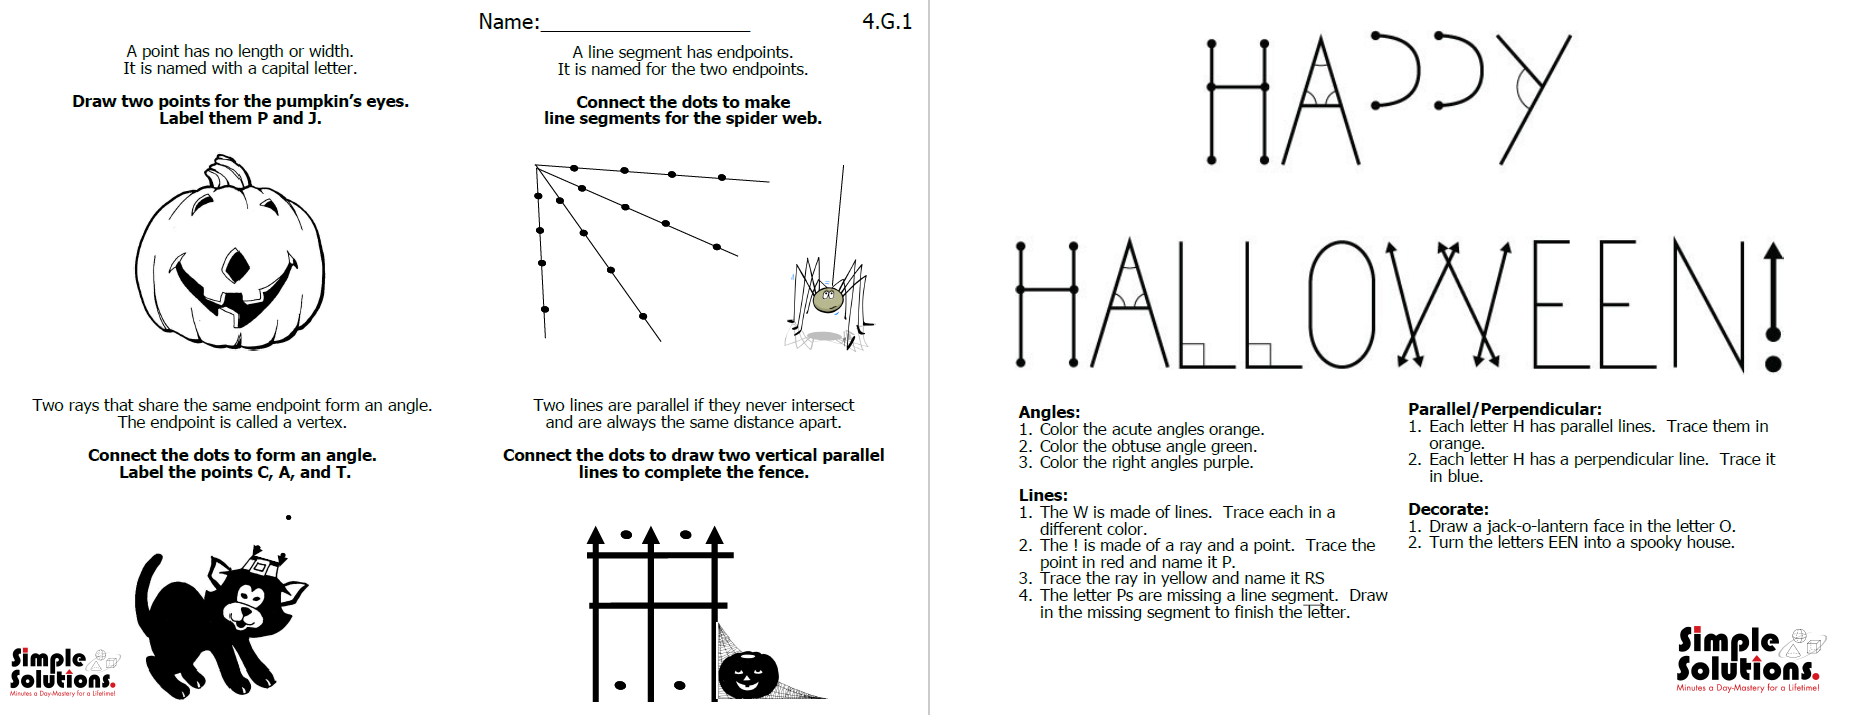 Halloween Geometry Geometry activities, Classroom